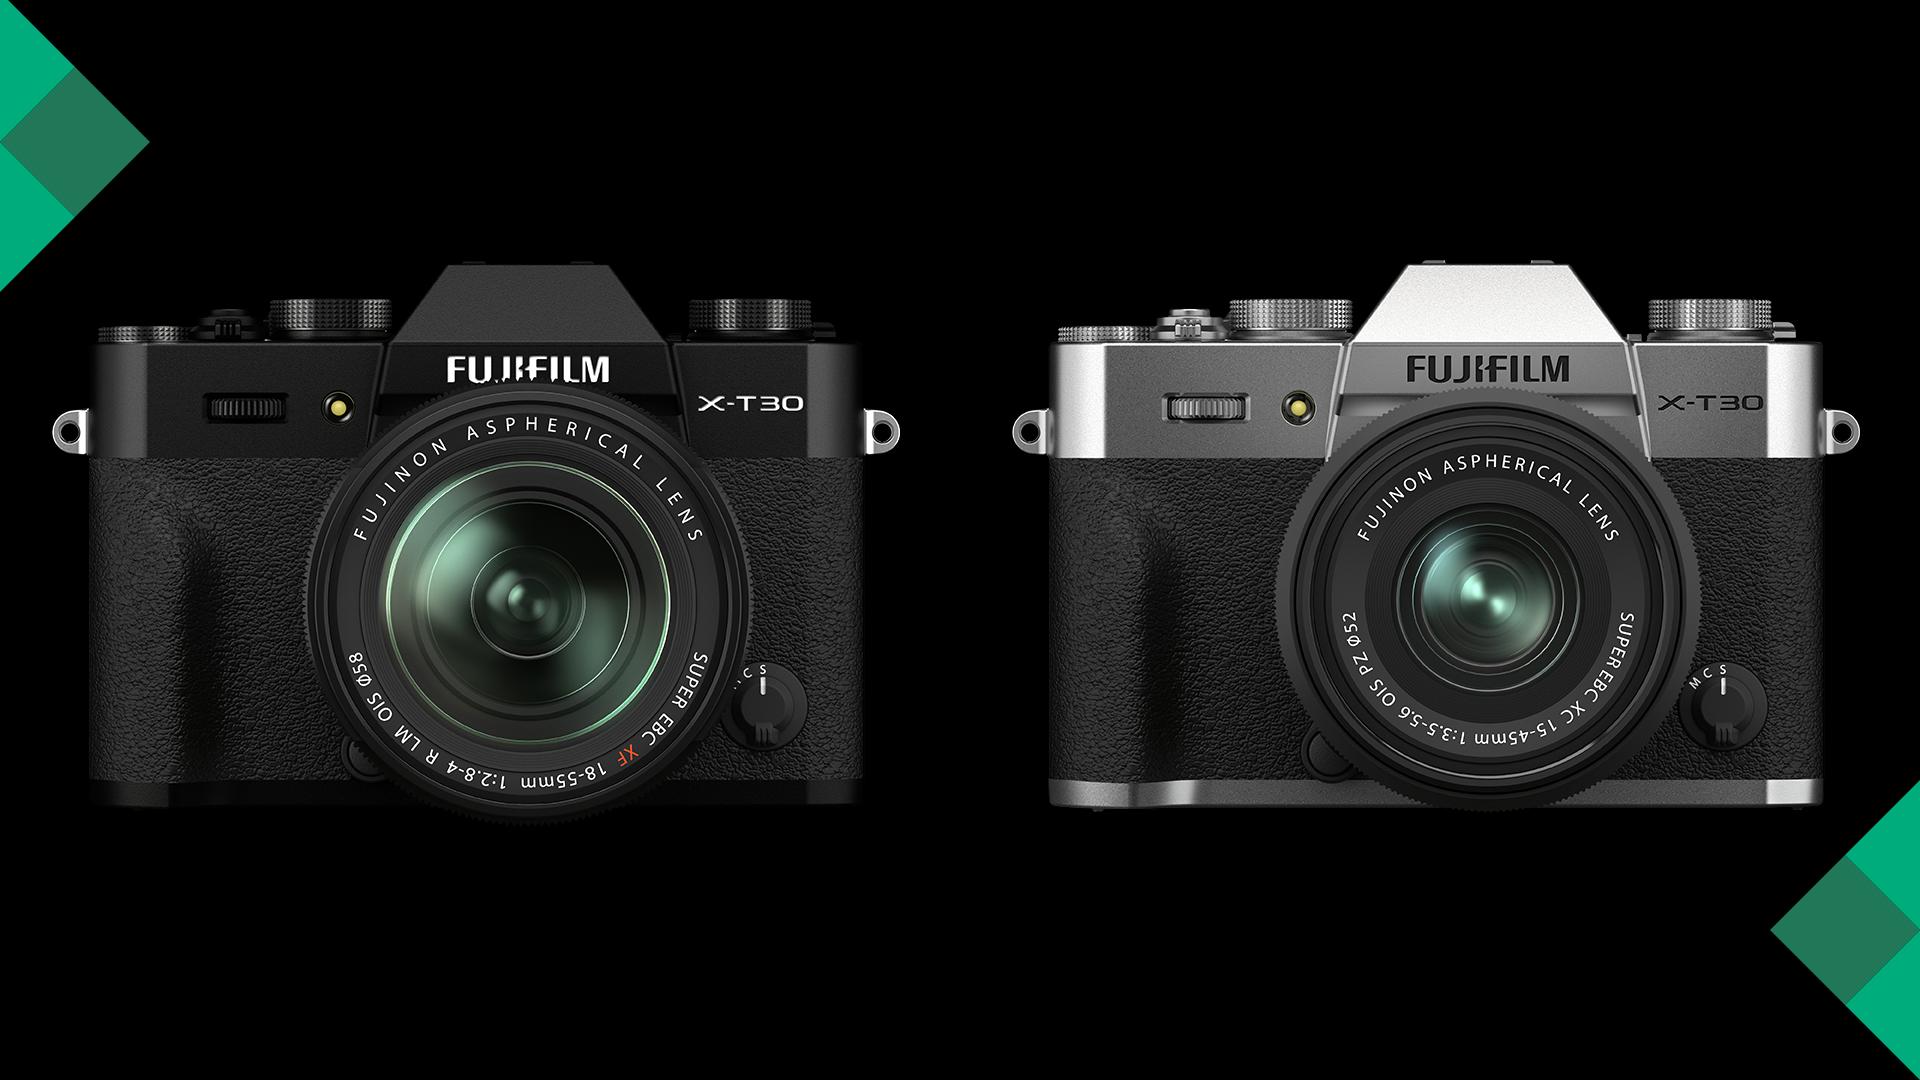 FUJIFILM X-T30 II Mirrorless Digital Camera